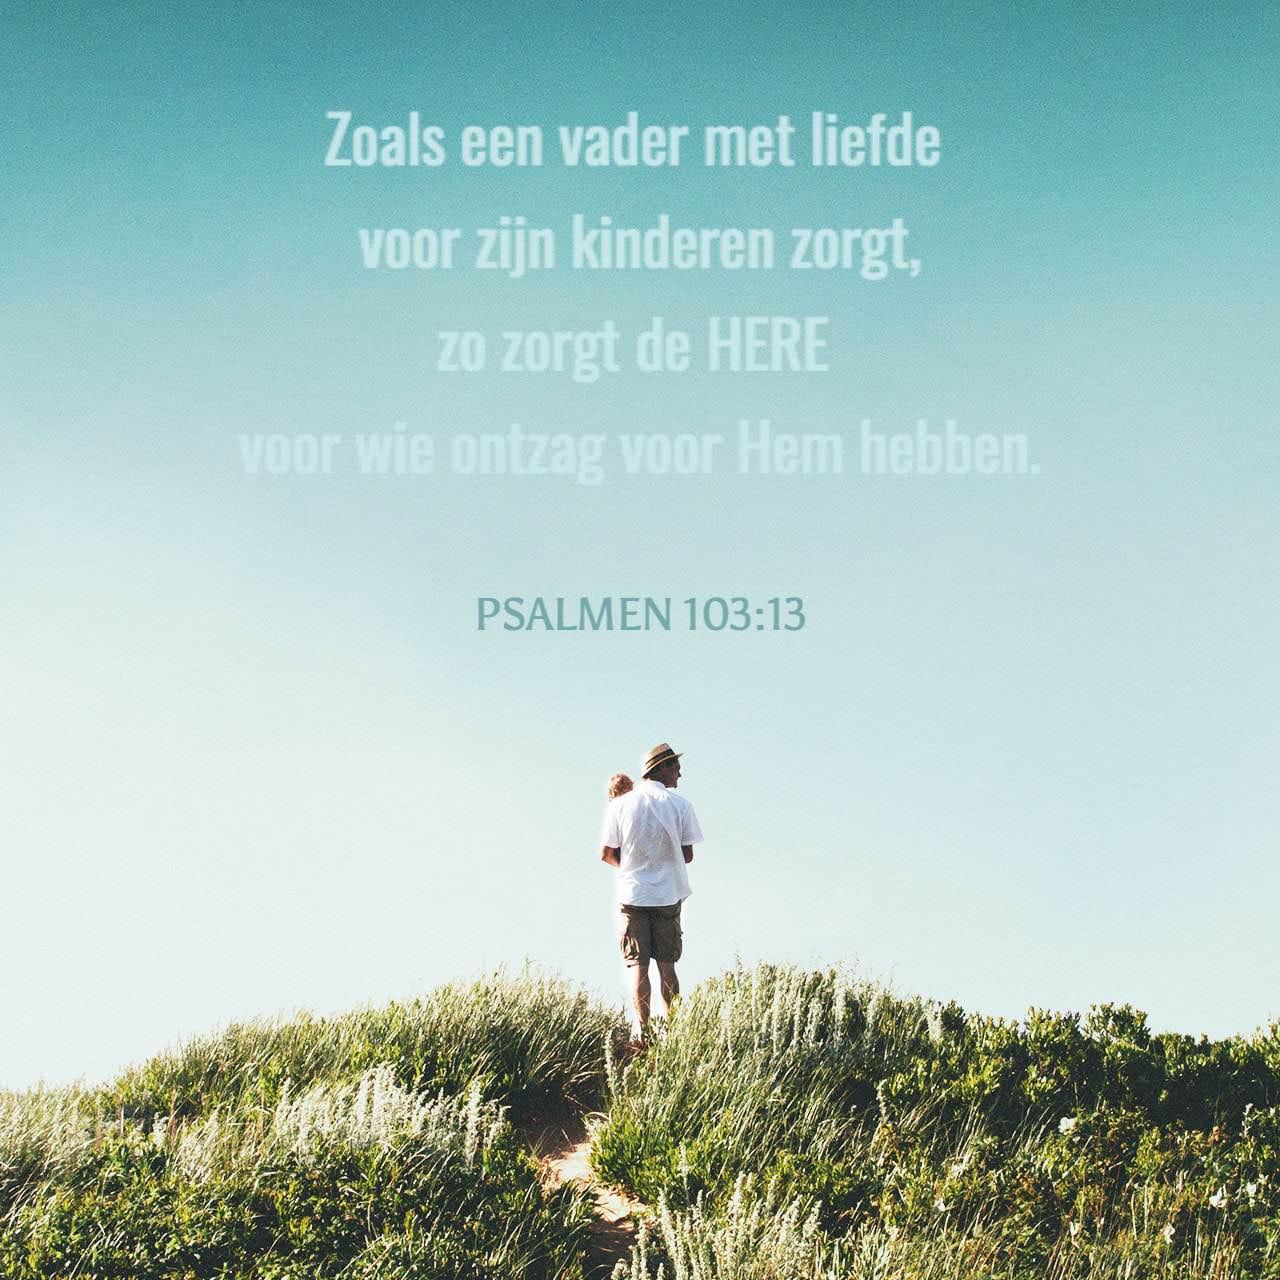 Versafbeelding voor Psalmen 103:13